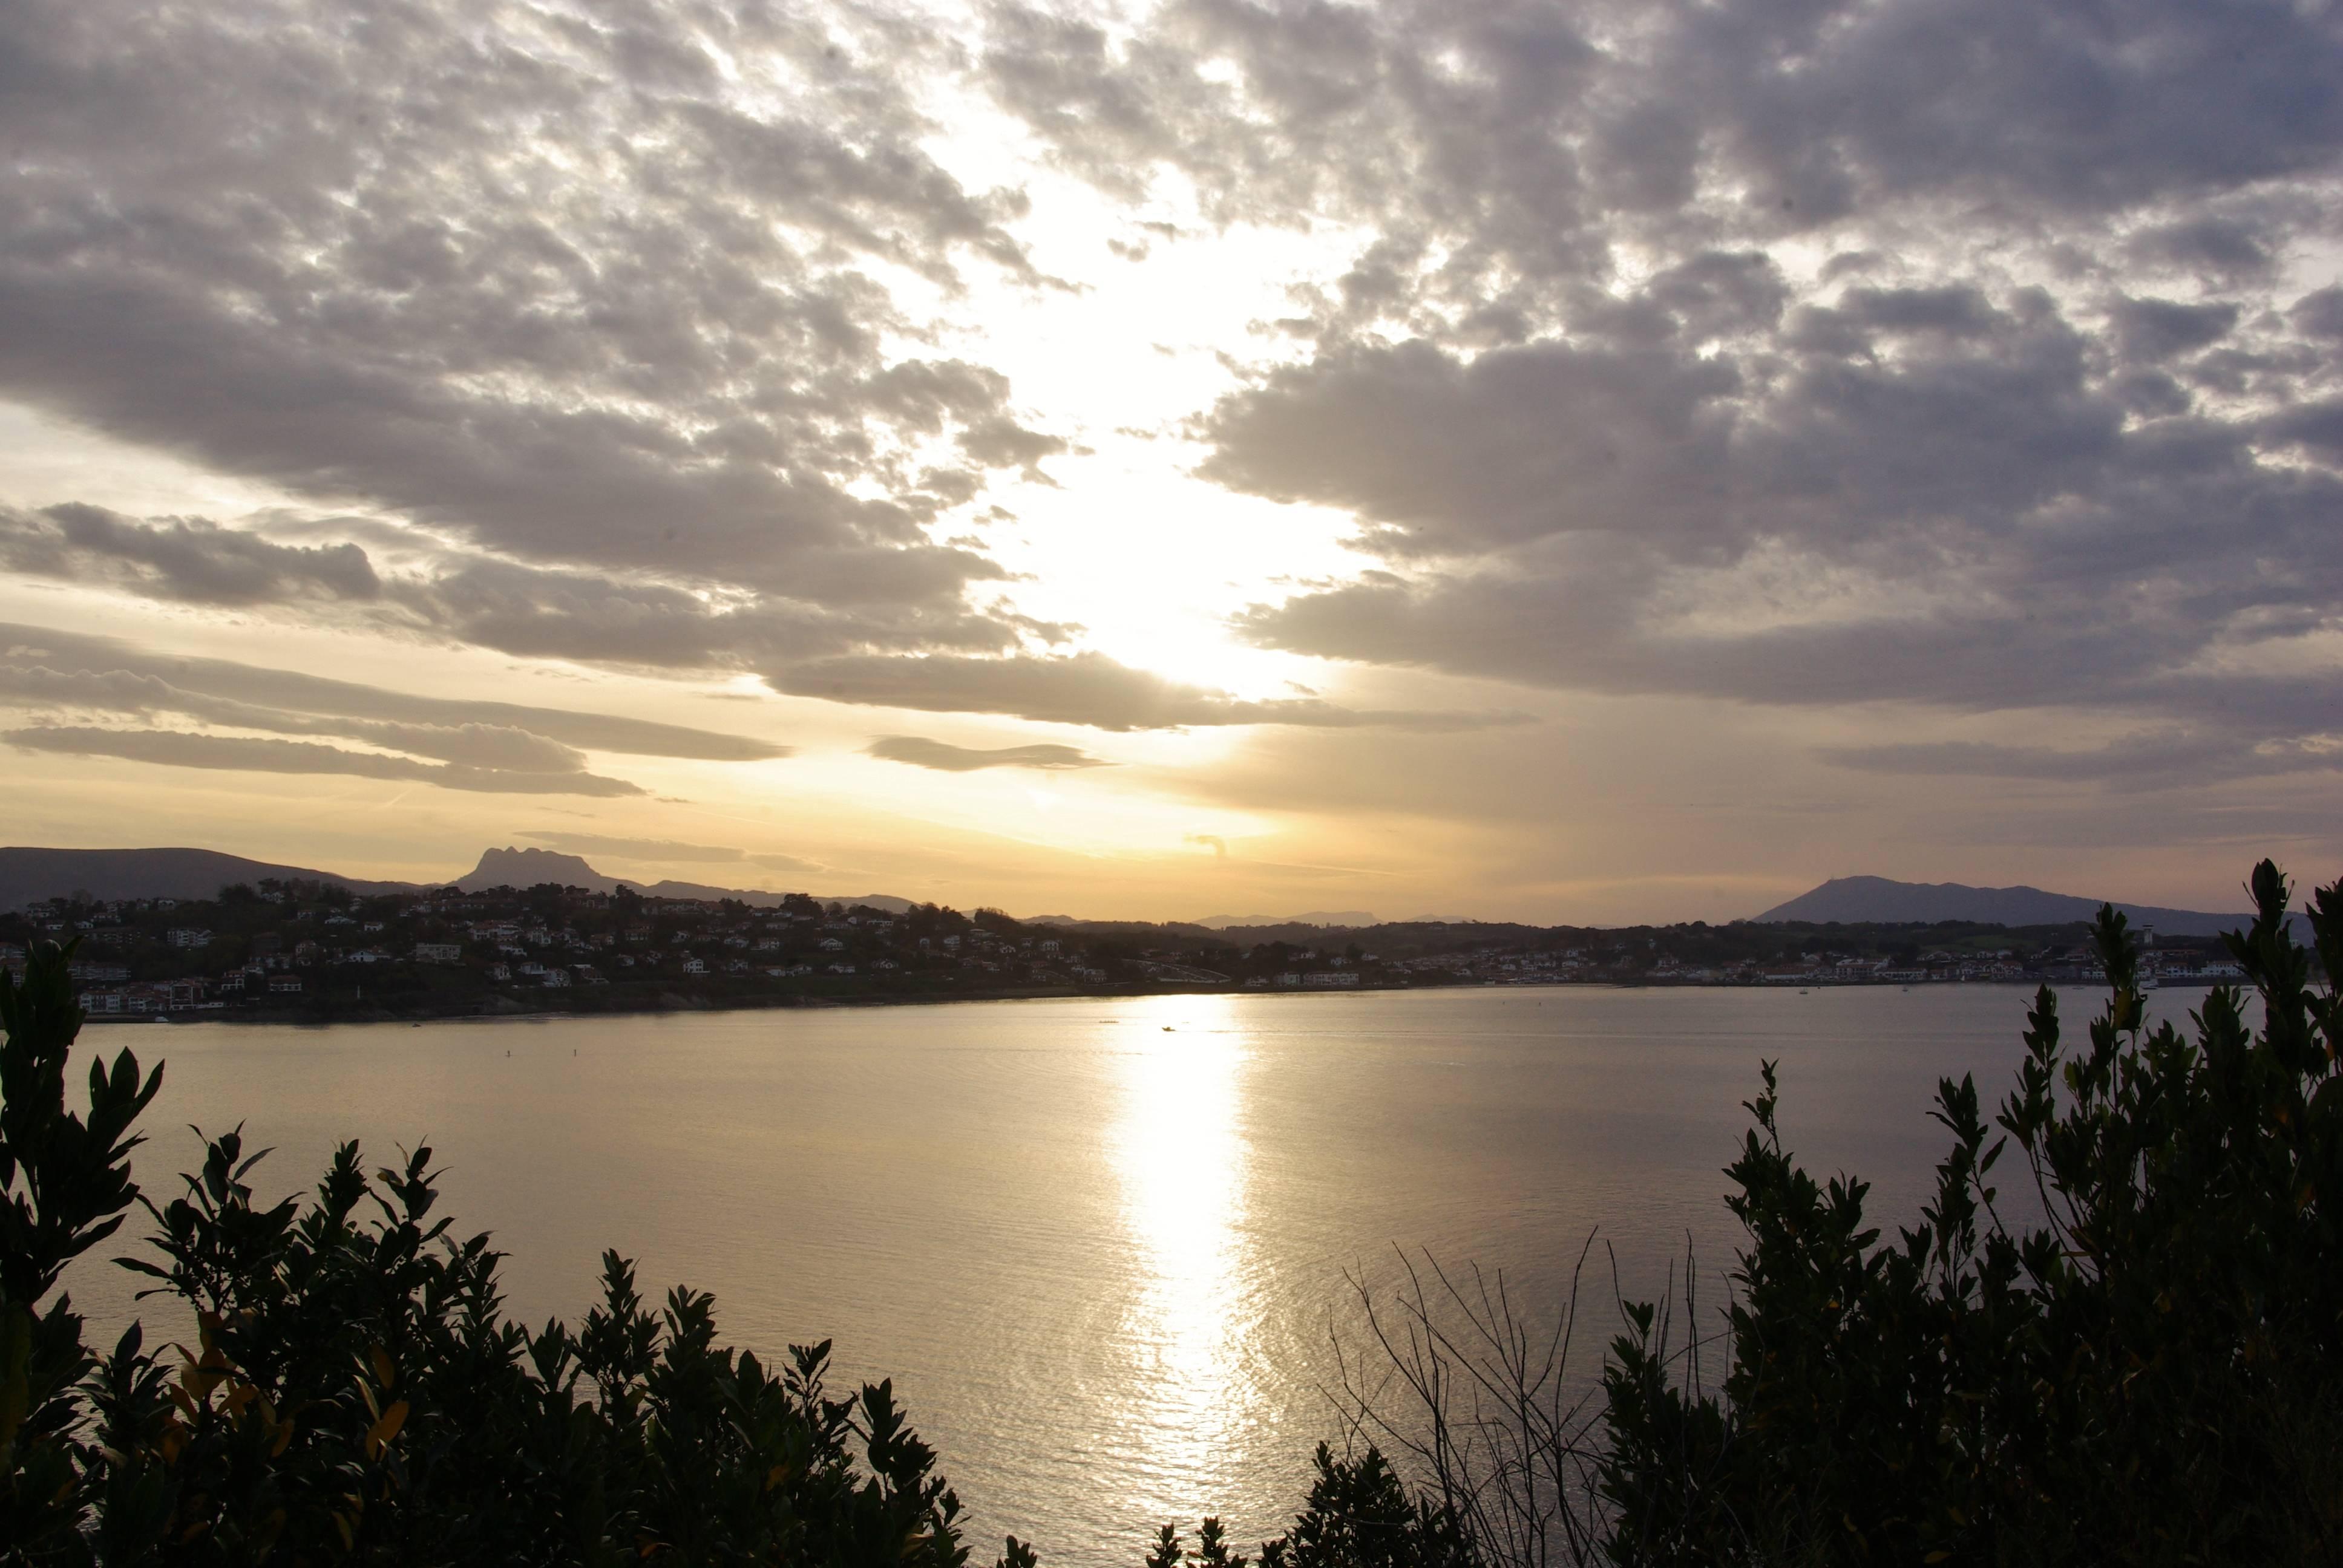 Photo 1: Sainte Barbe